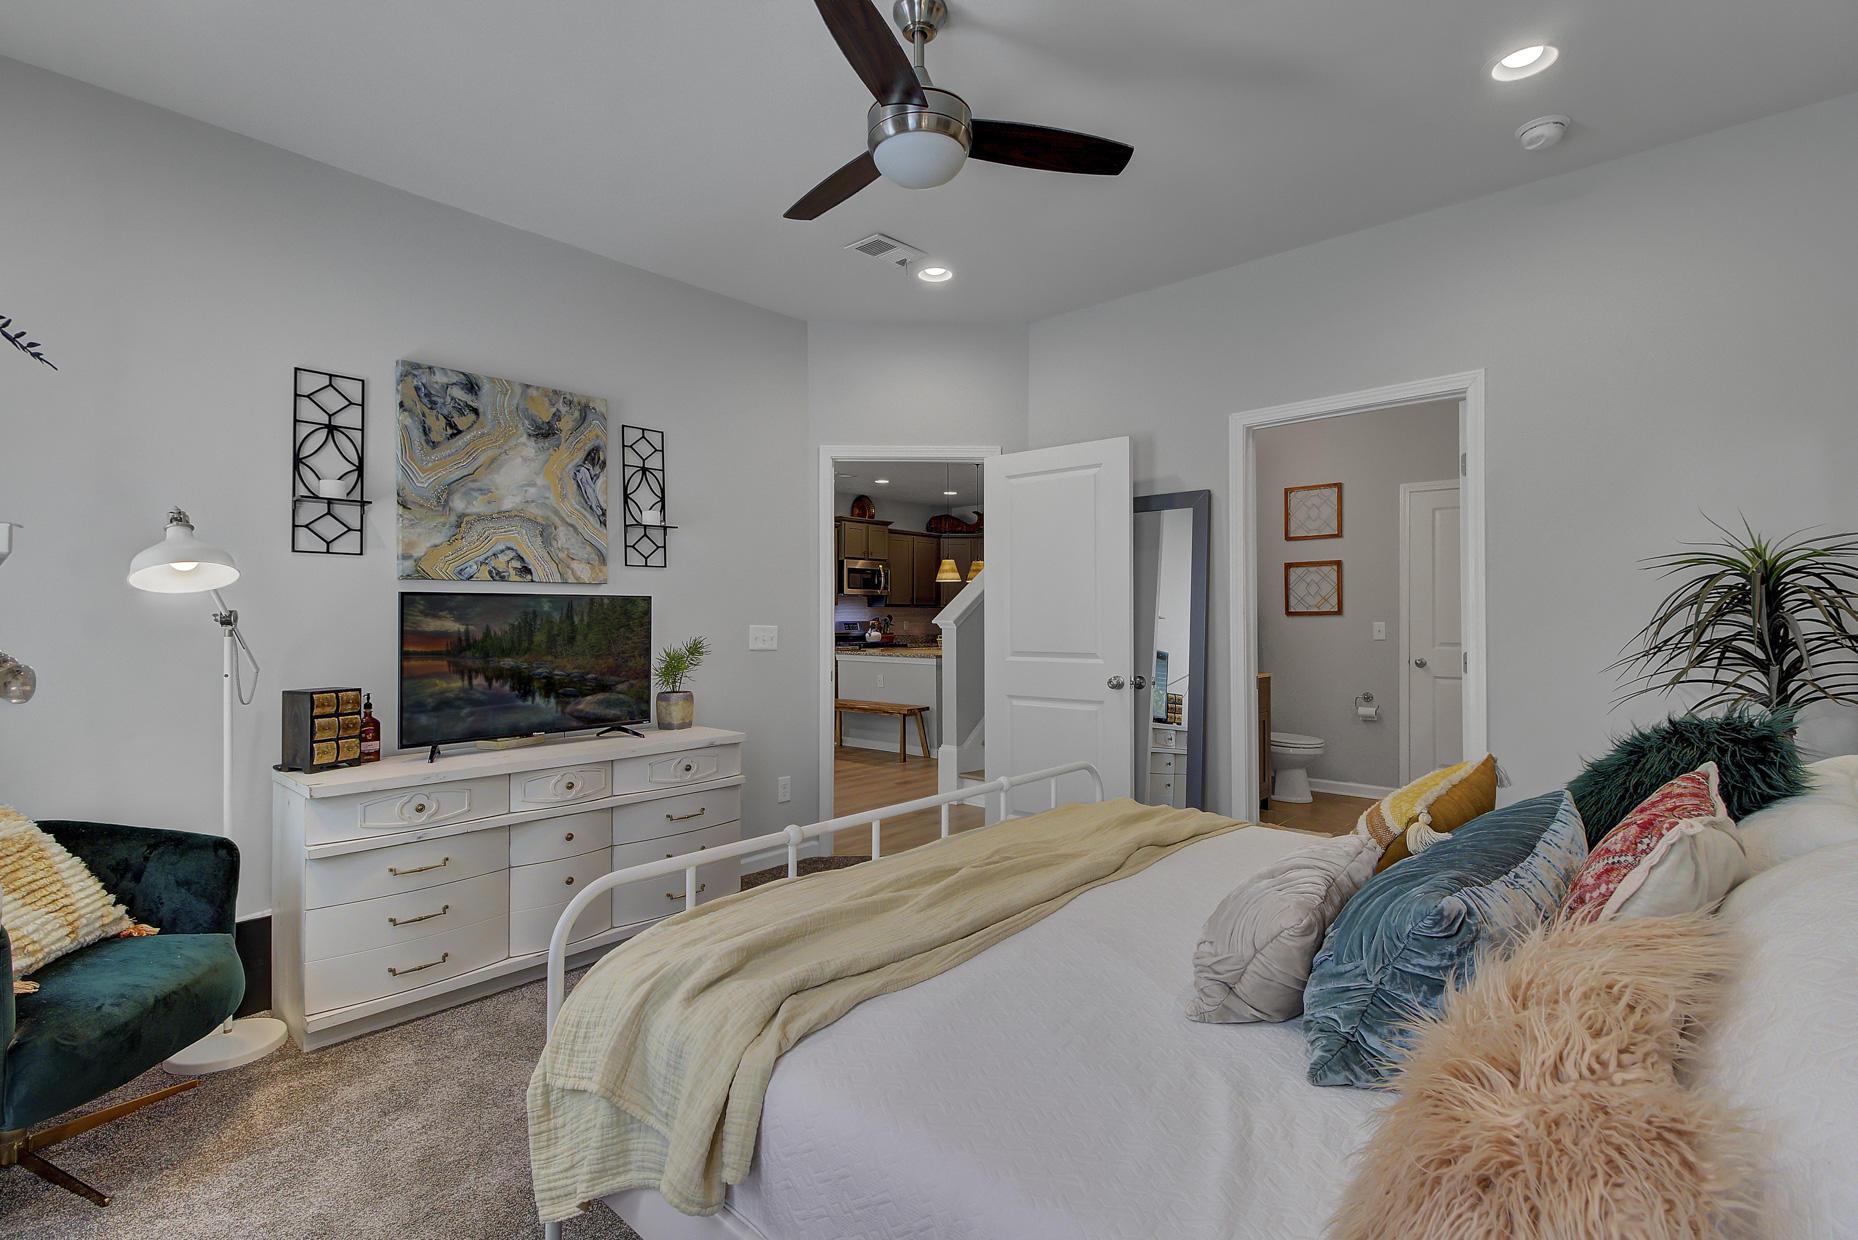 Park West Homes For Sale - 2566 Kingsfield, Mount Pleasant, SC - 42